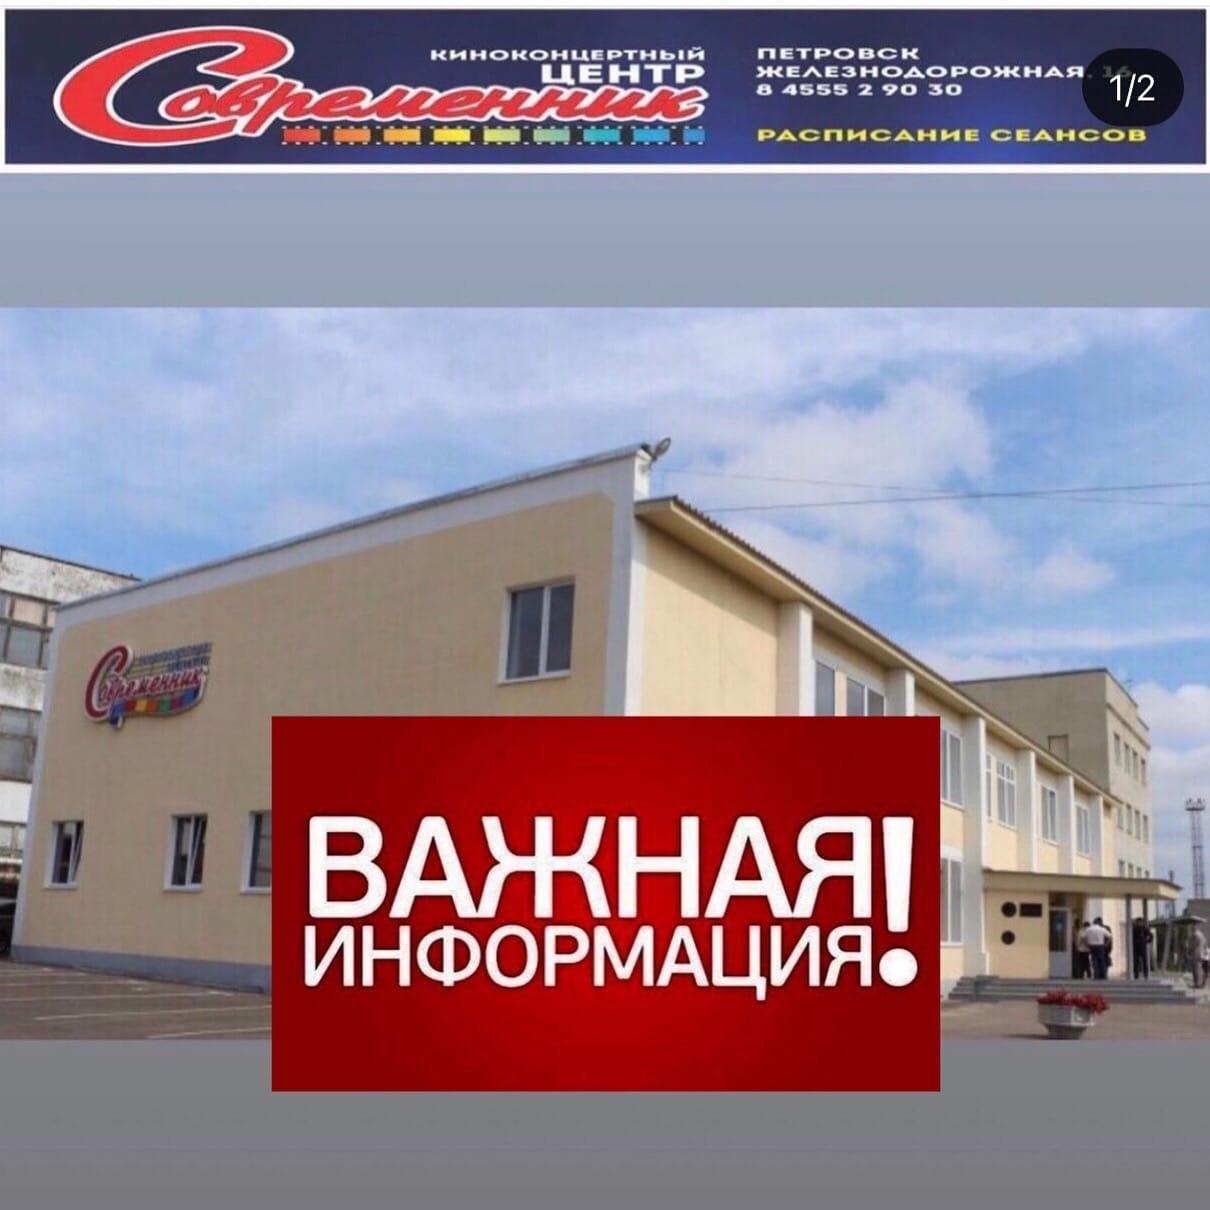 Киноцентр «Современник» временно прекращает показ фильмов